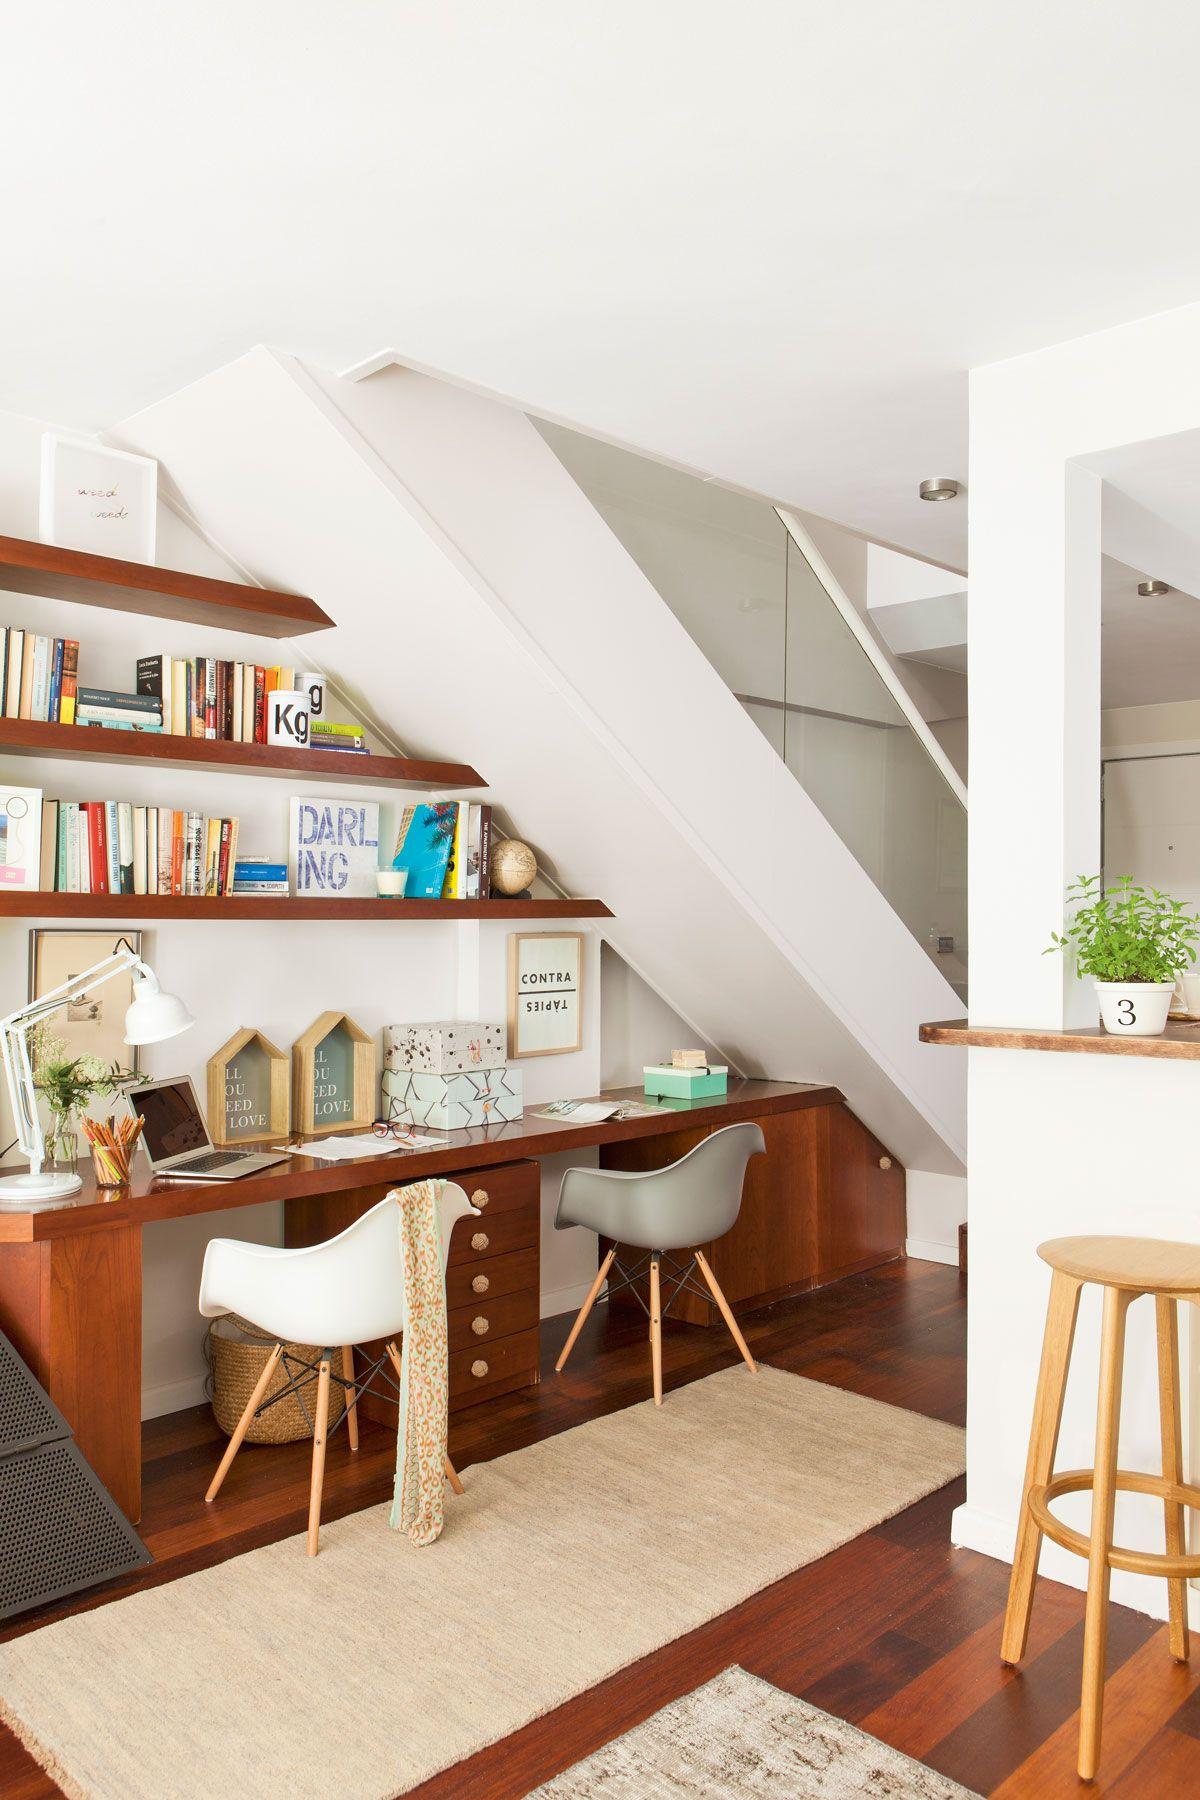 Zona de trabajo bajo la escalera con baldas de madera for Decoracion debajo escaleras